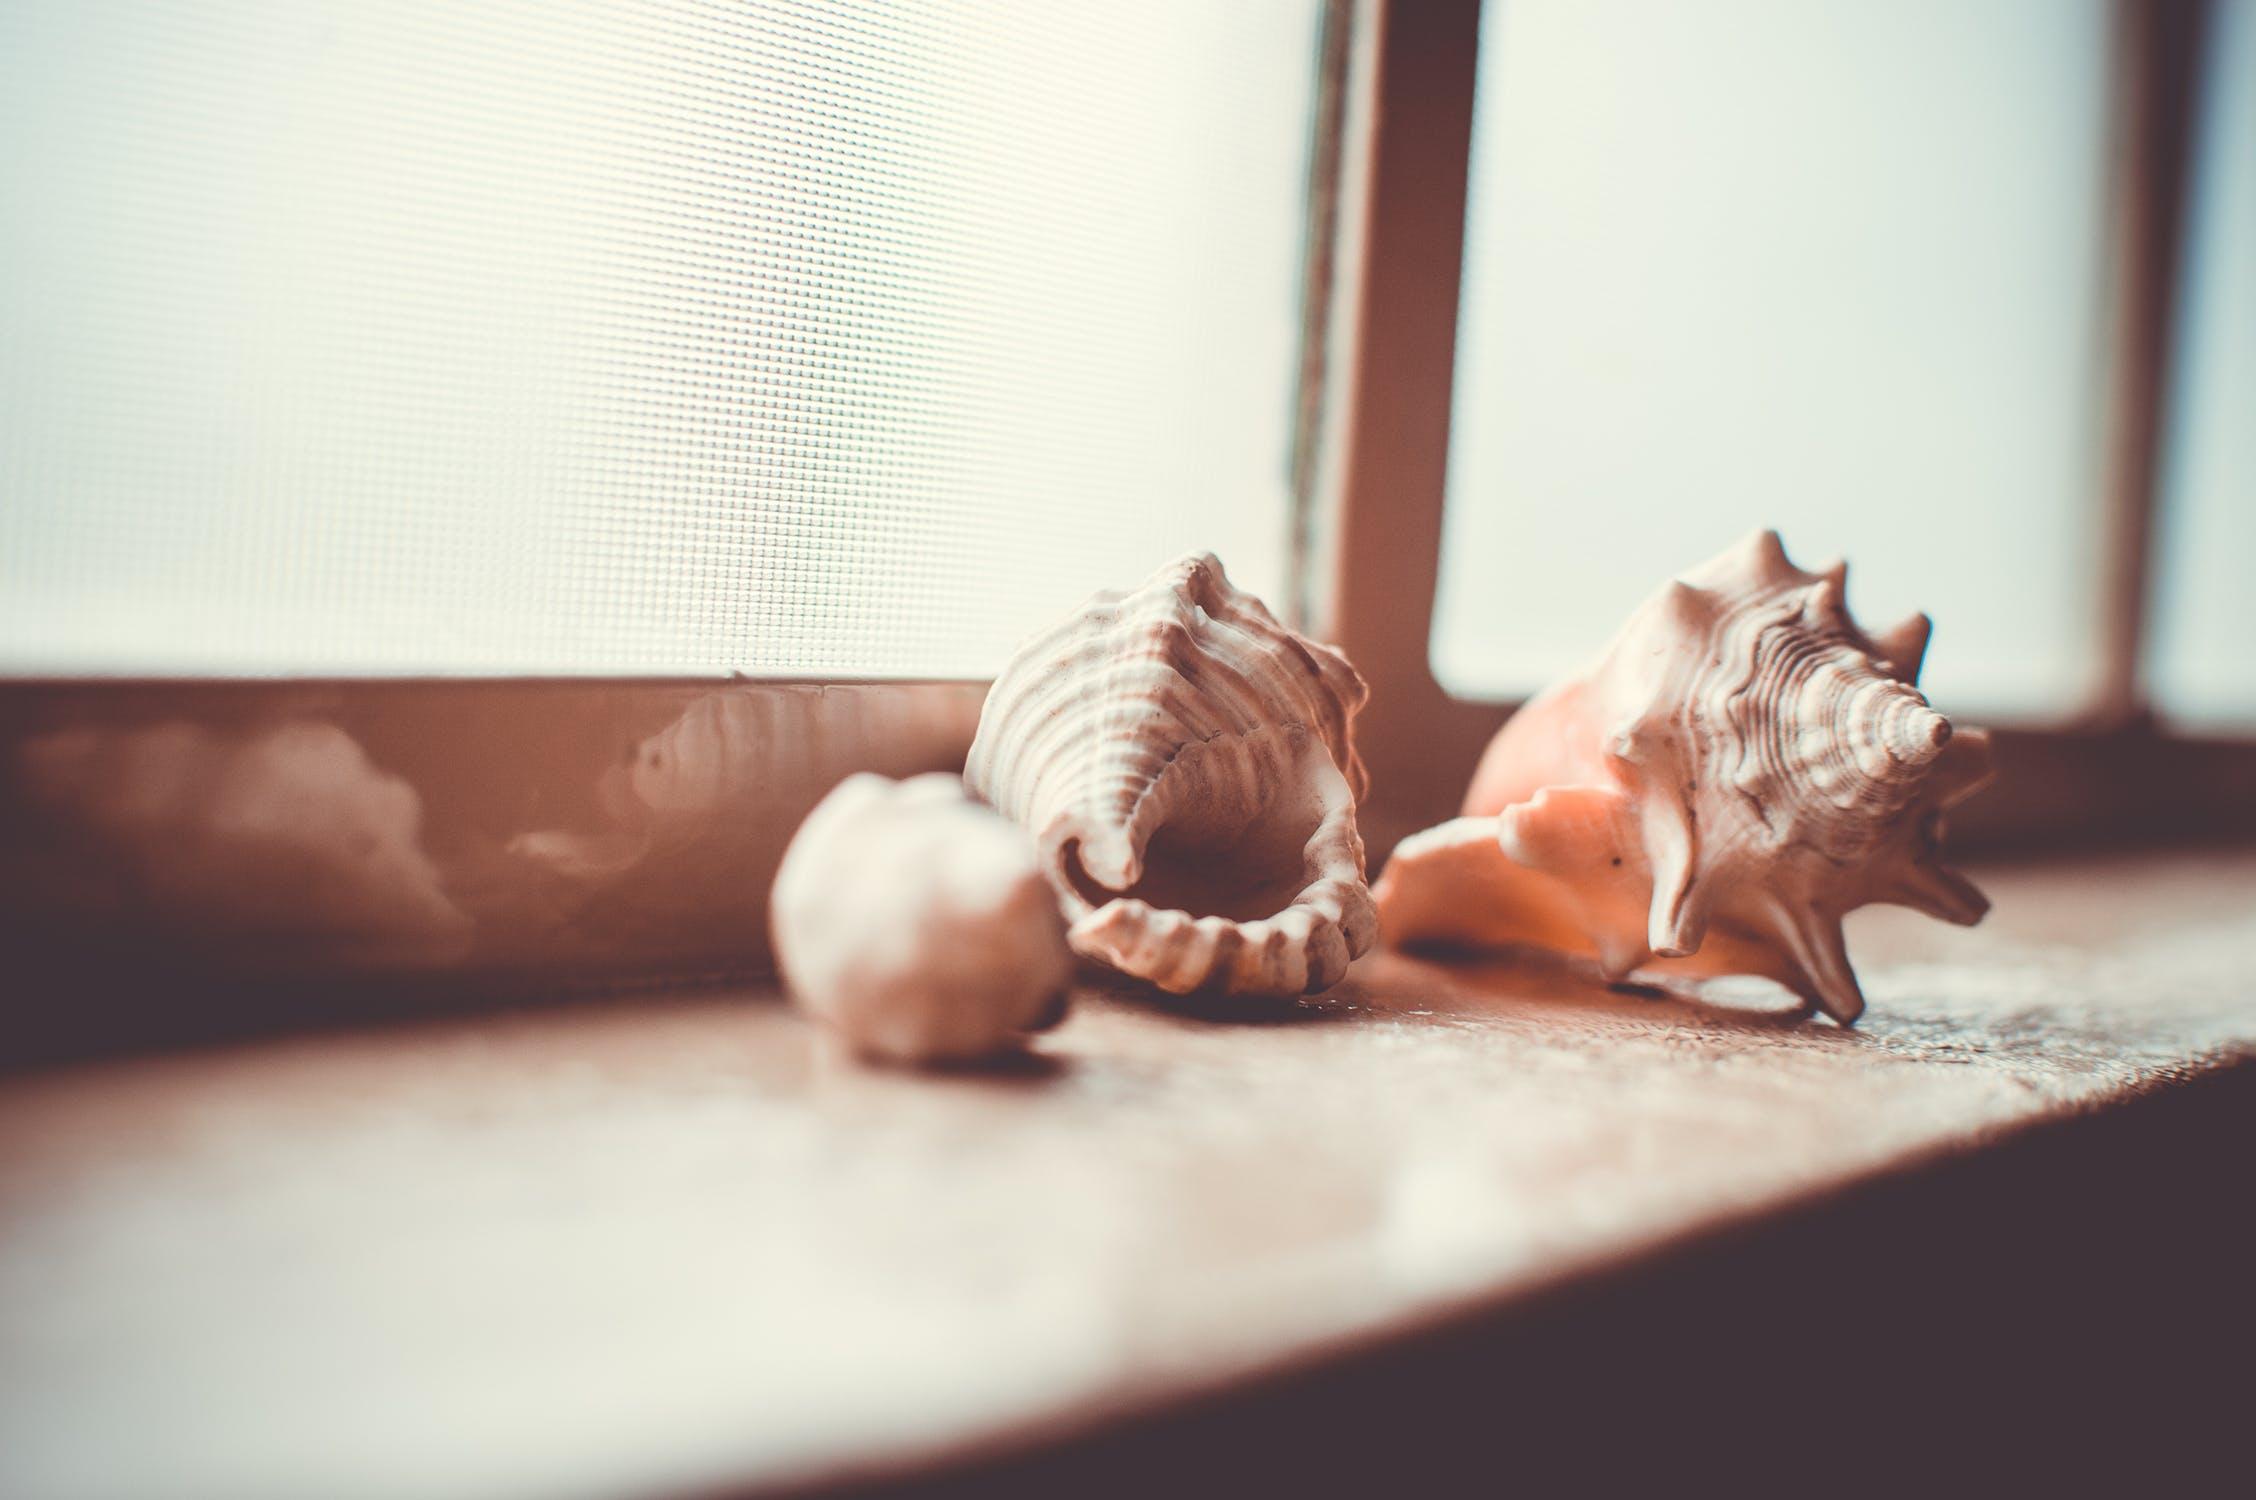 shells3.jpeg